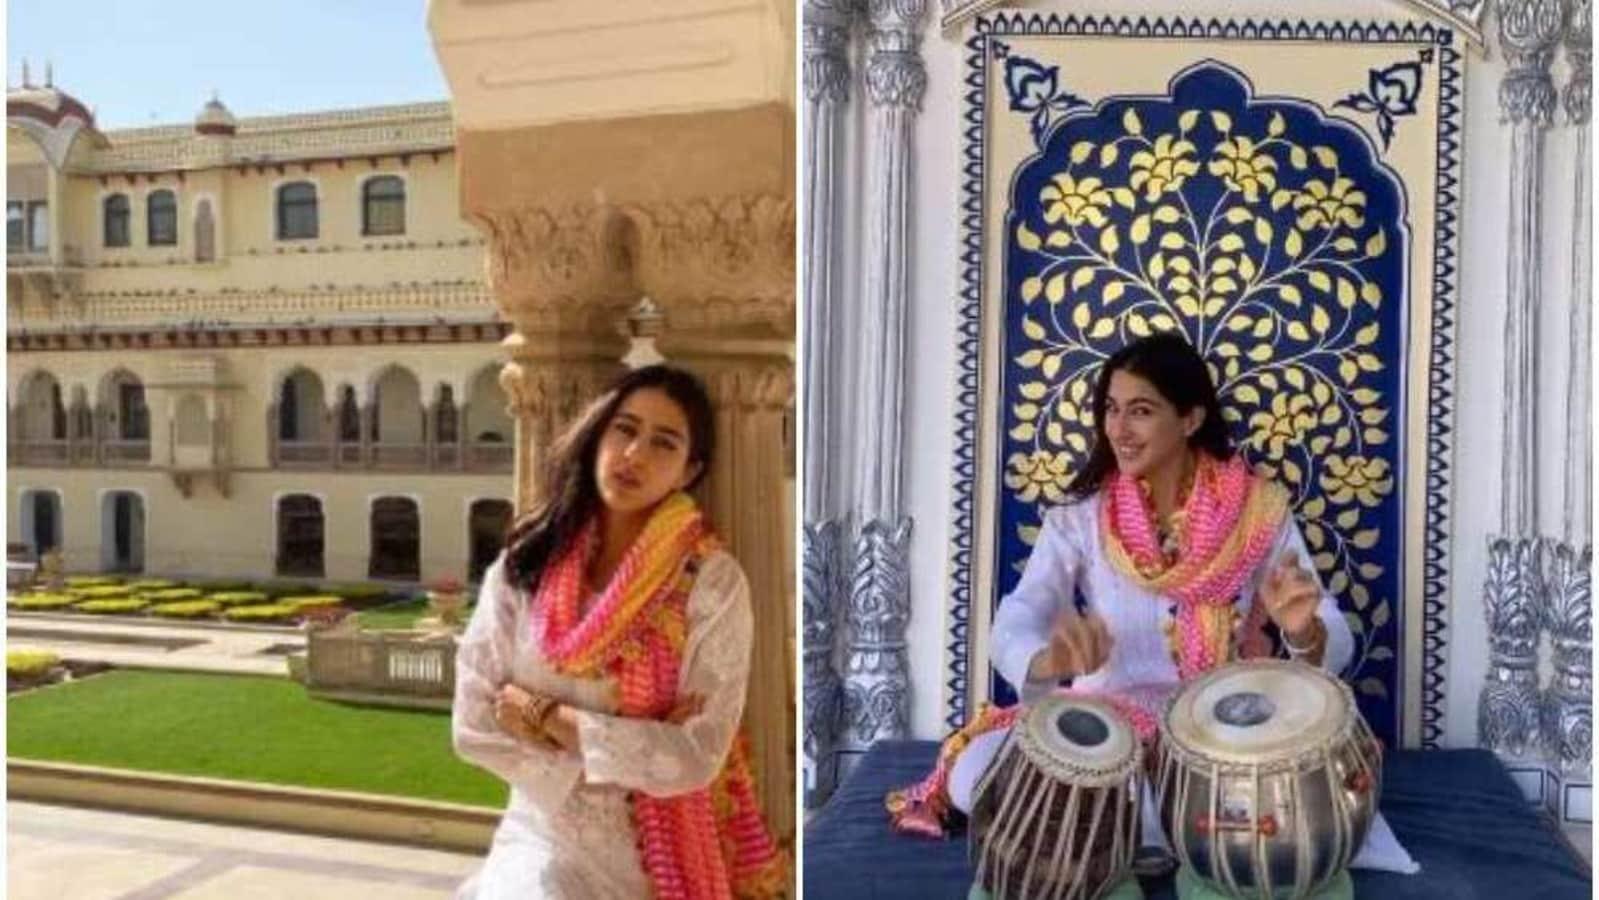 Sara Ali Khan plays tabla, shares fresh pics from her Jaipur visit - Hindustan Times